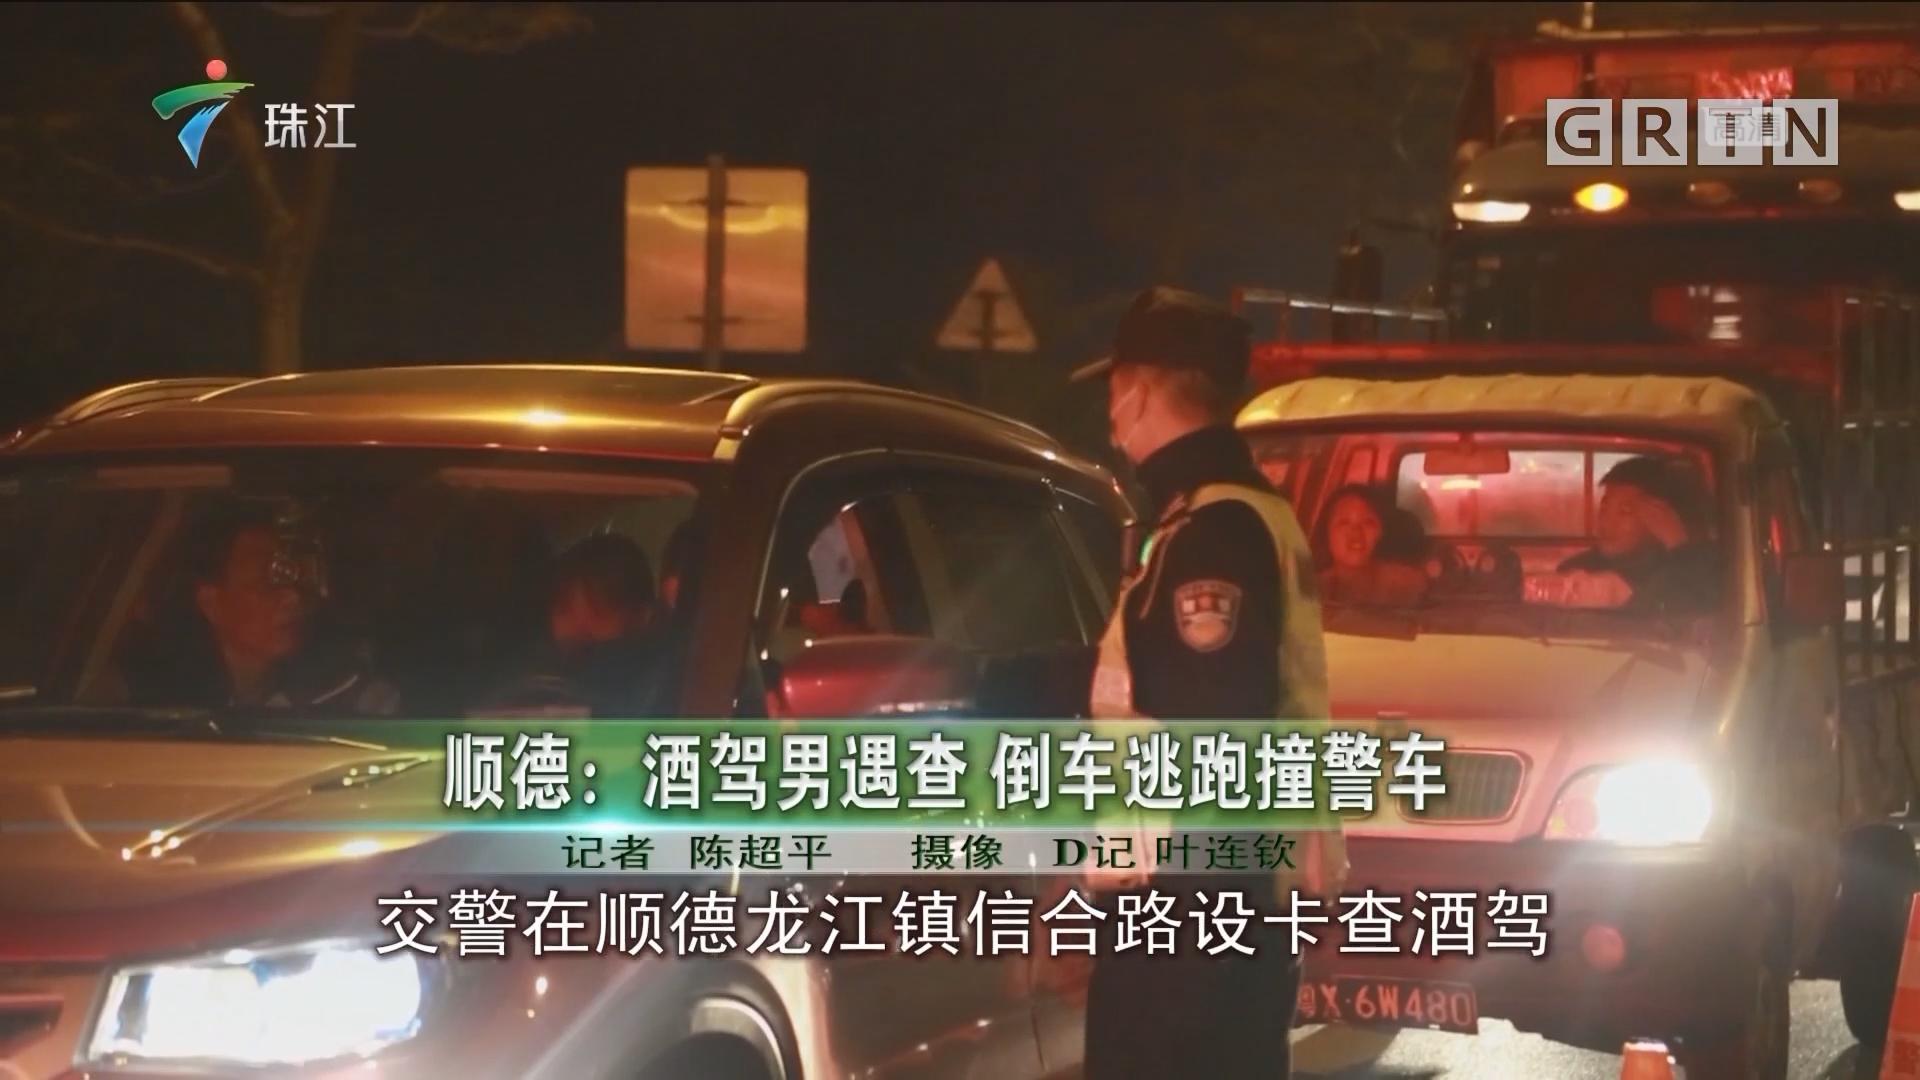 顺德:酒驾男遇查 倒车逃跑撞警车